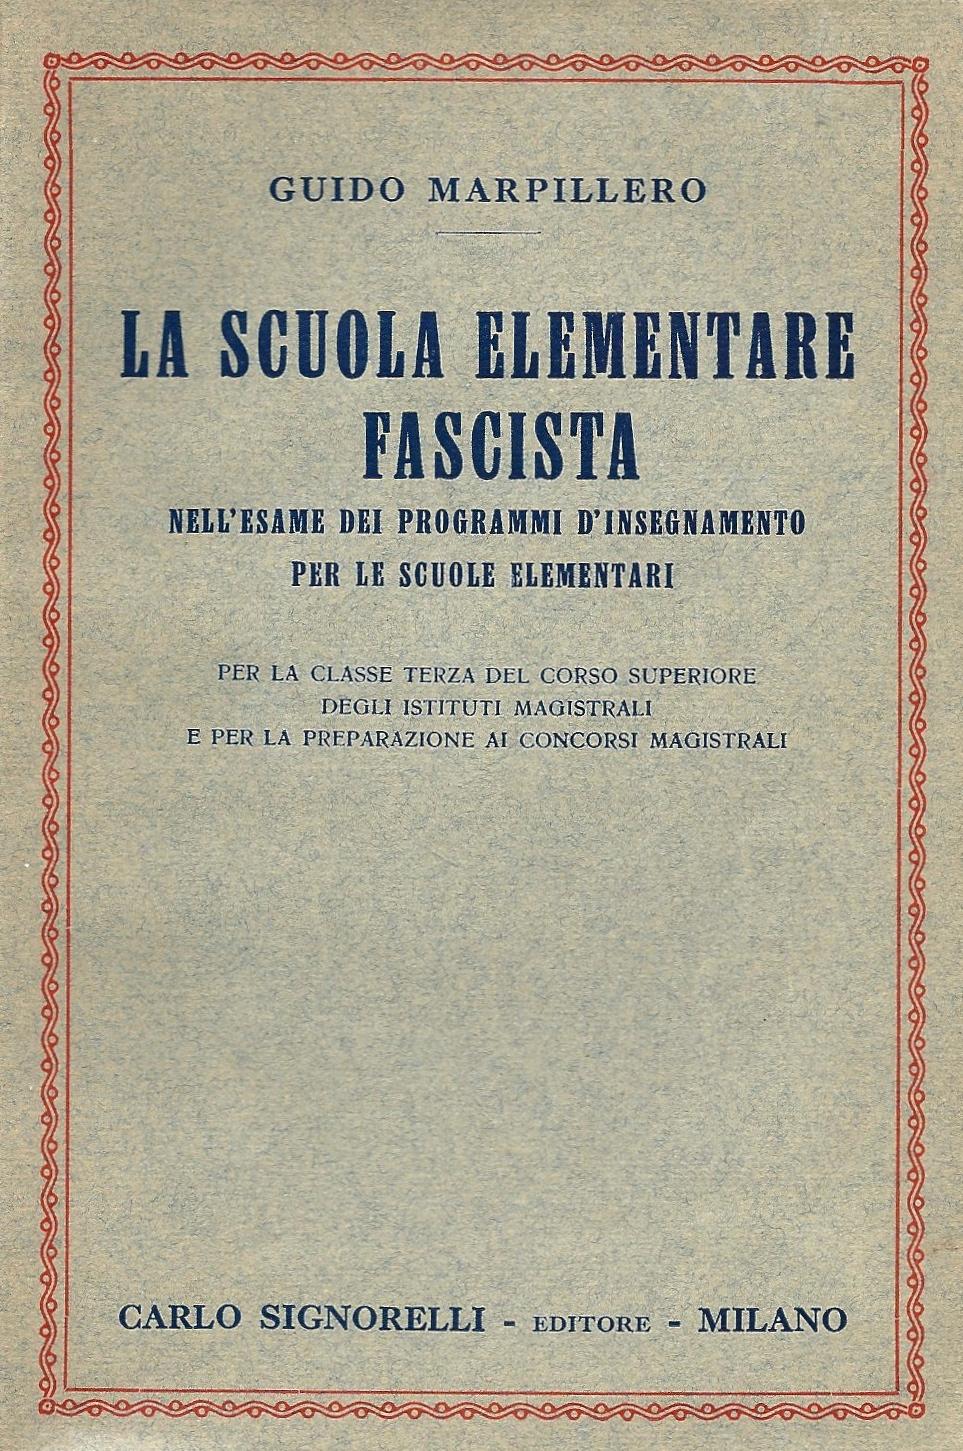 La scuola elementare fascista nell'esame dei programmi d'insegnamento per le scuole elementari